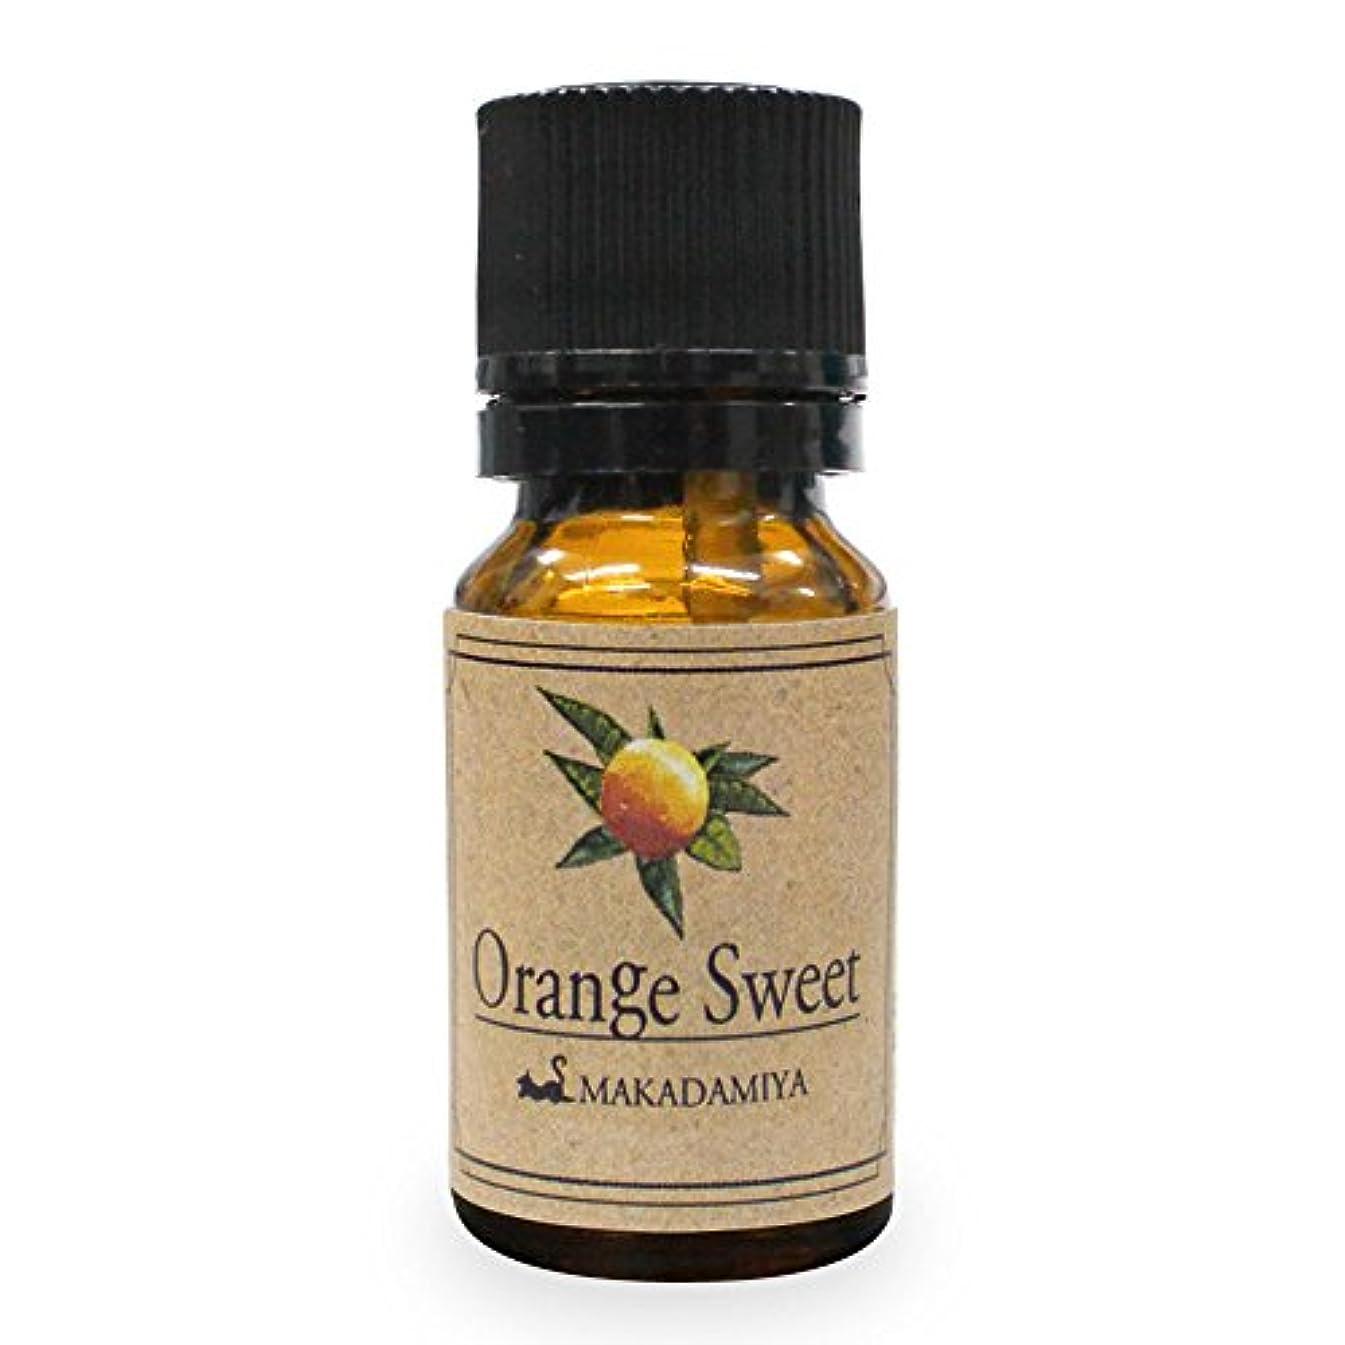 思い出急流だらしないオレンジ?スイート10ml 天然100%植物性 エッセンシャルオイル(精油) アロマオイル アロママッサージ aroma Orange S.